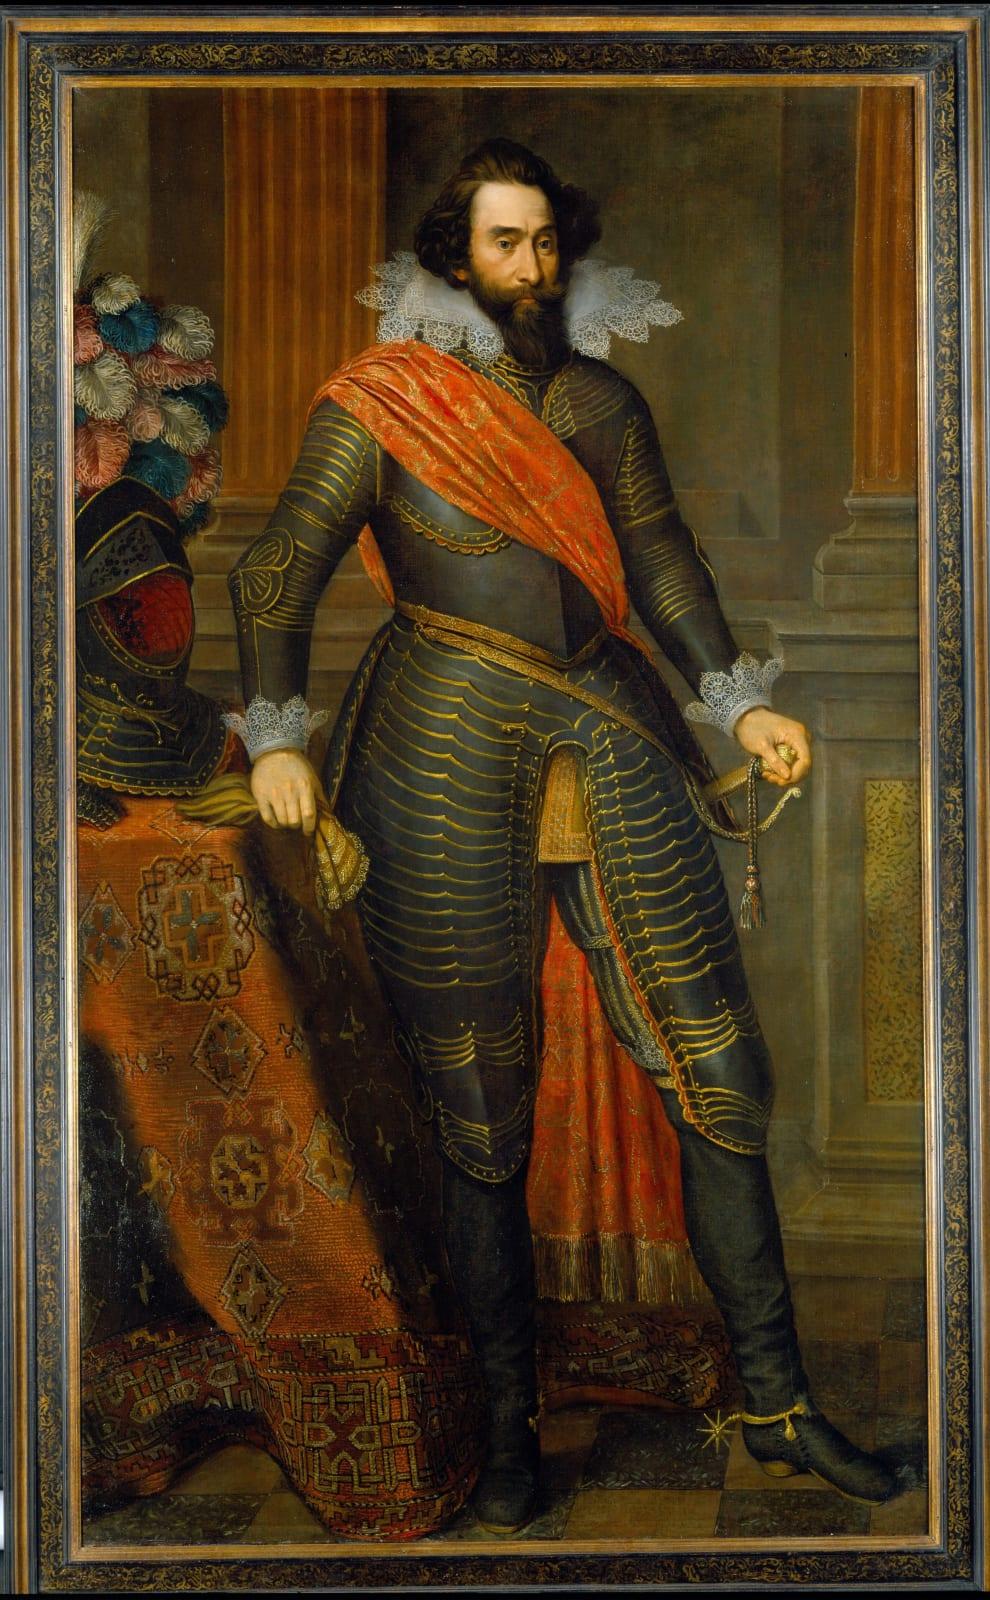 Count Hendrik van den Bergh (1573 - 1638)